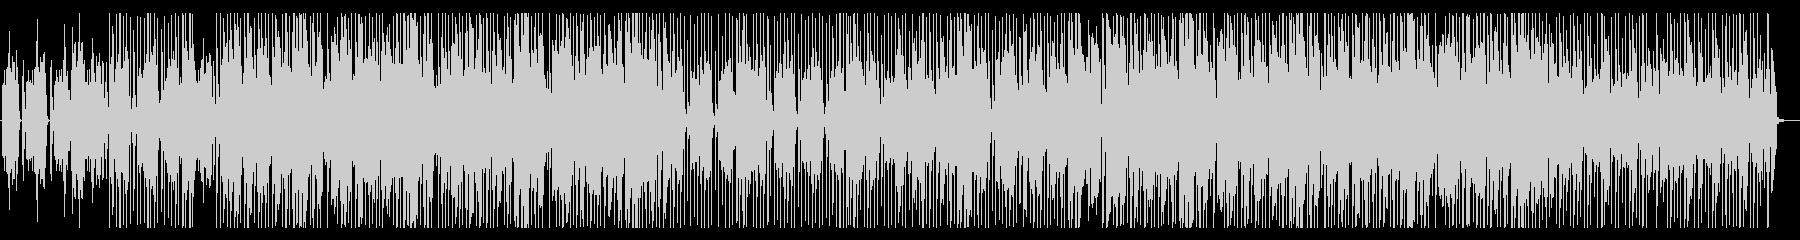 趣味 動物 コミカルなエレピのポップスの未再生の波形